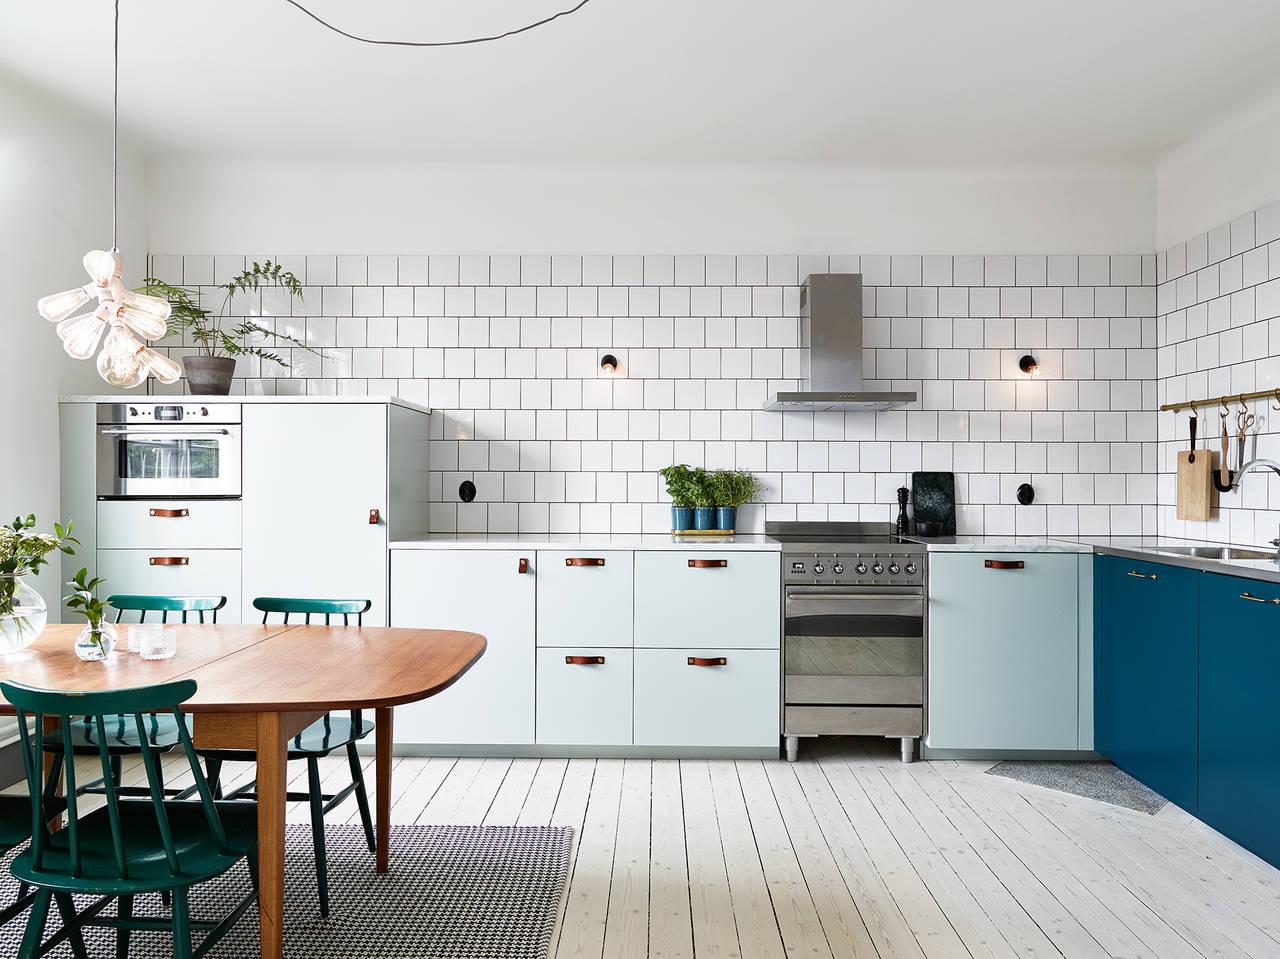 Keuken in mintgroen en petrol blauw inrichting huis